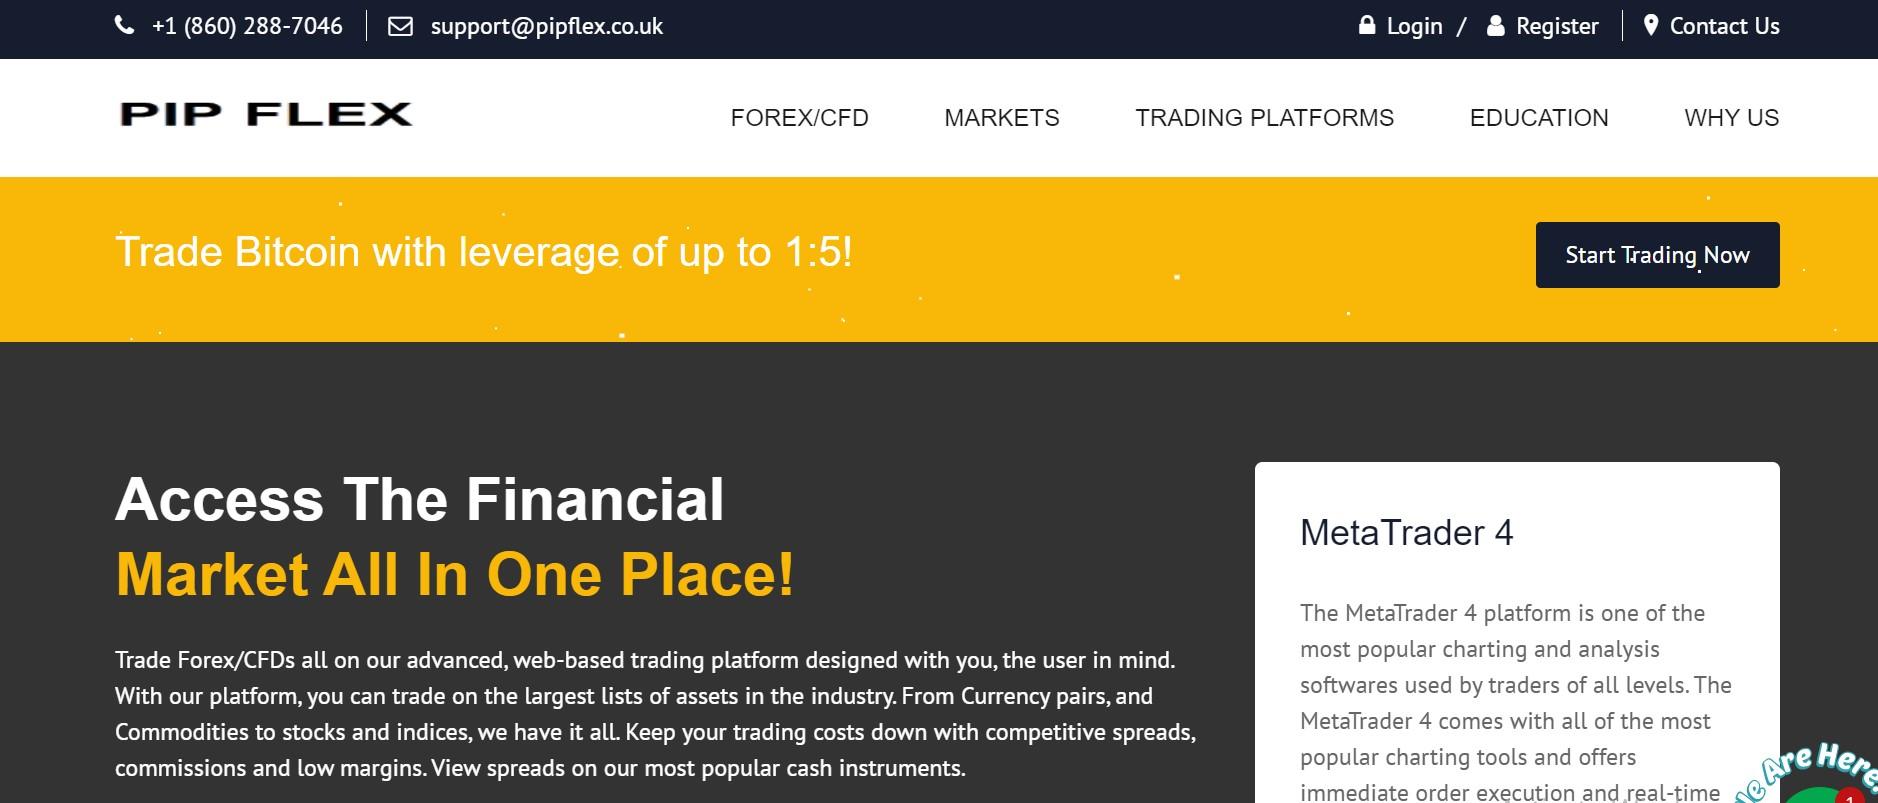 Pip Flex website